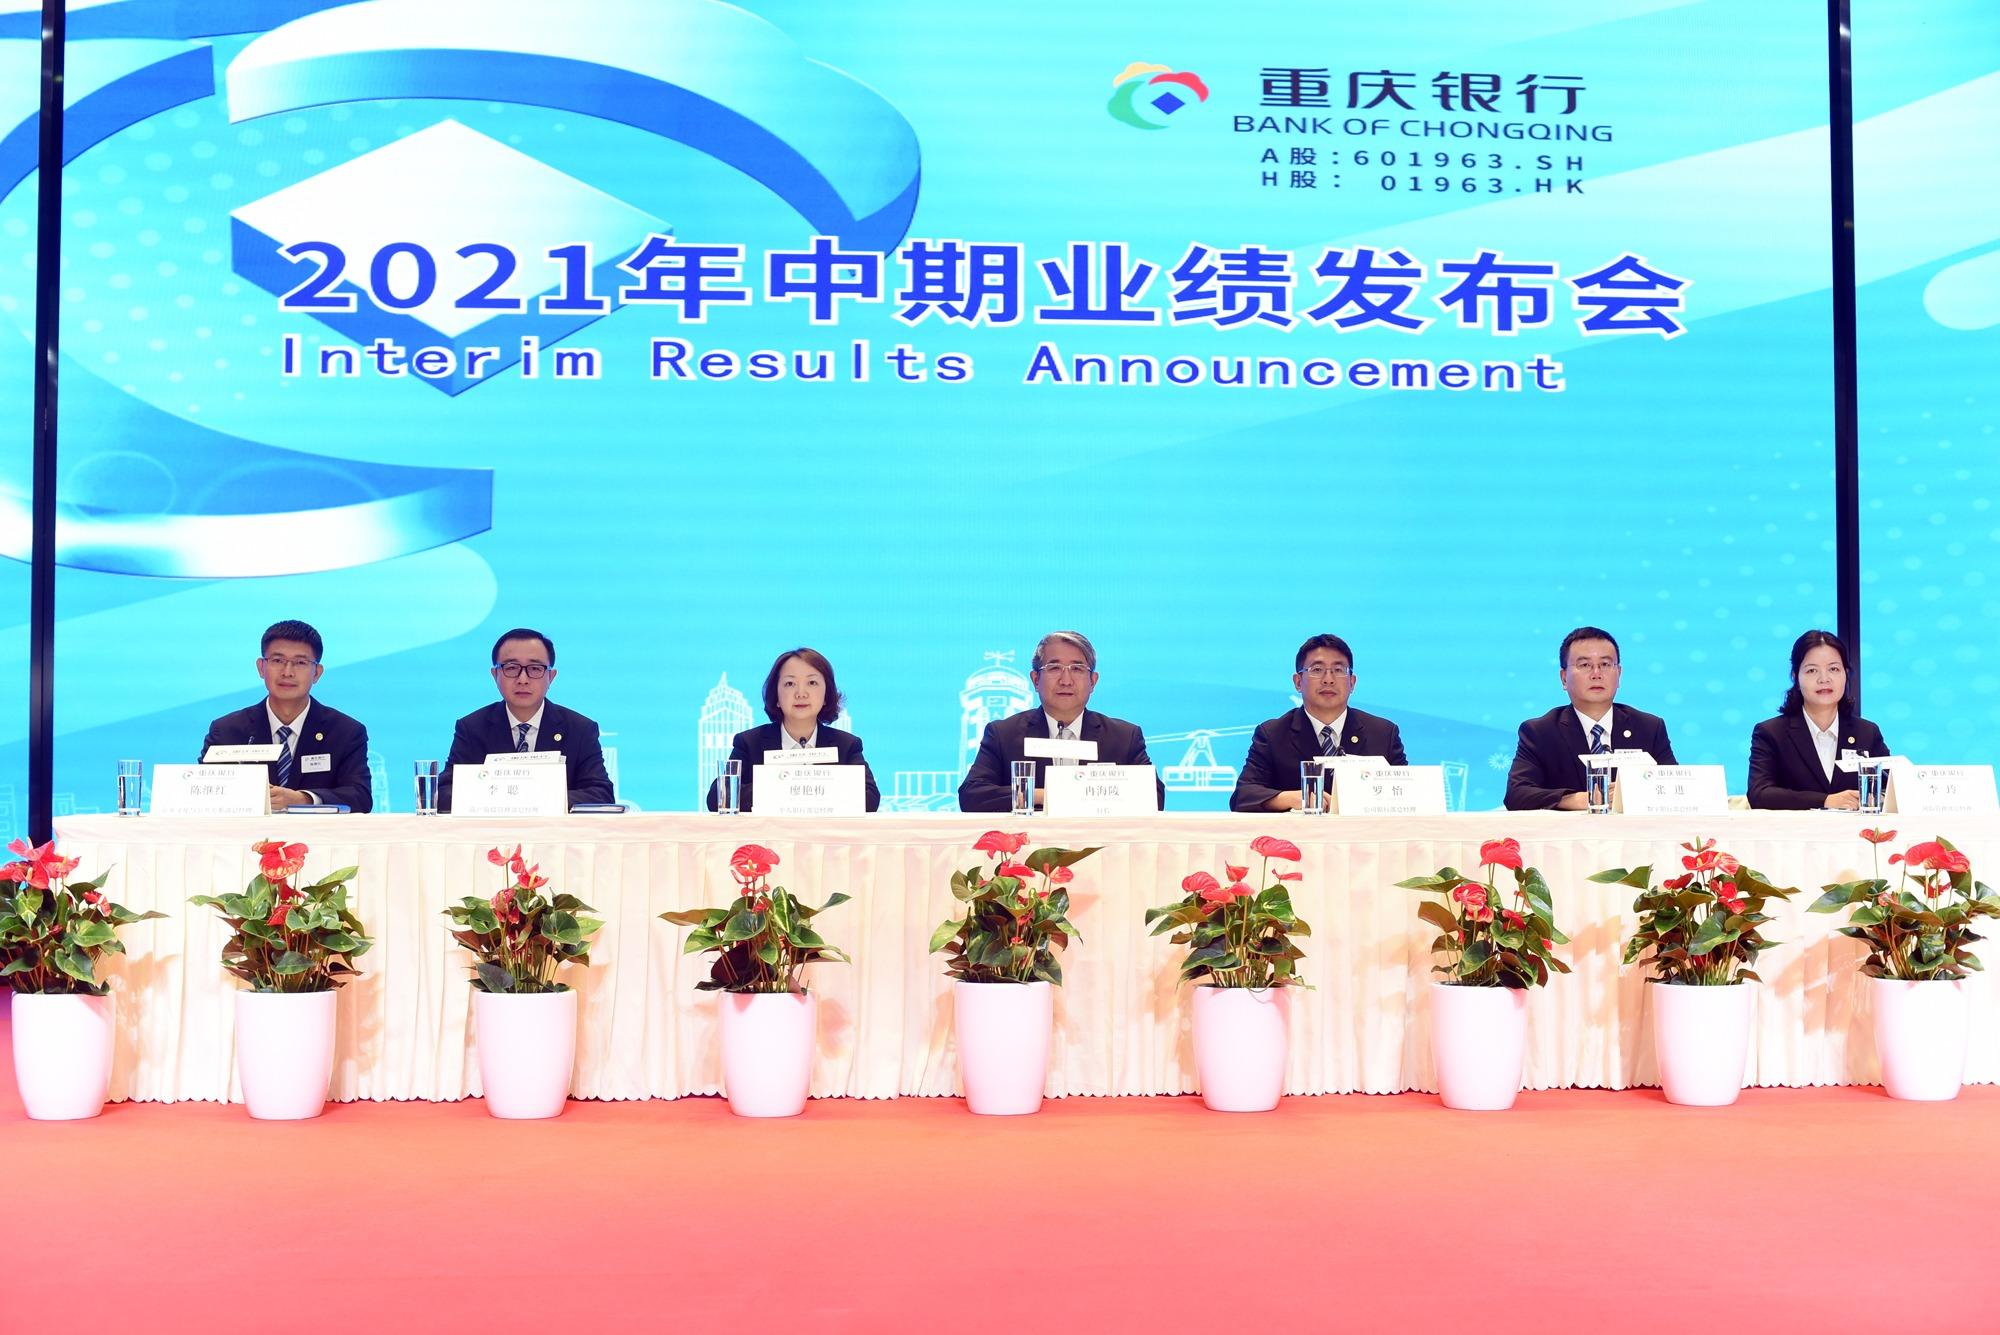 重庆银行2021年中期业绩发布 资产规模突破六千亿